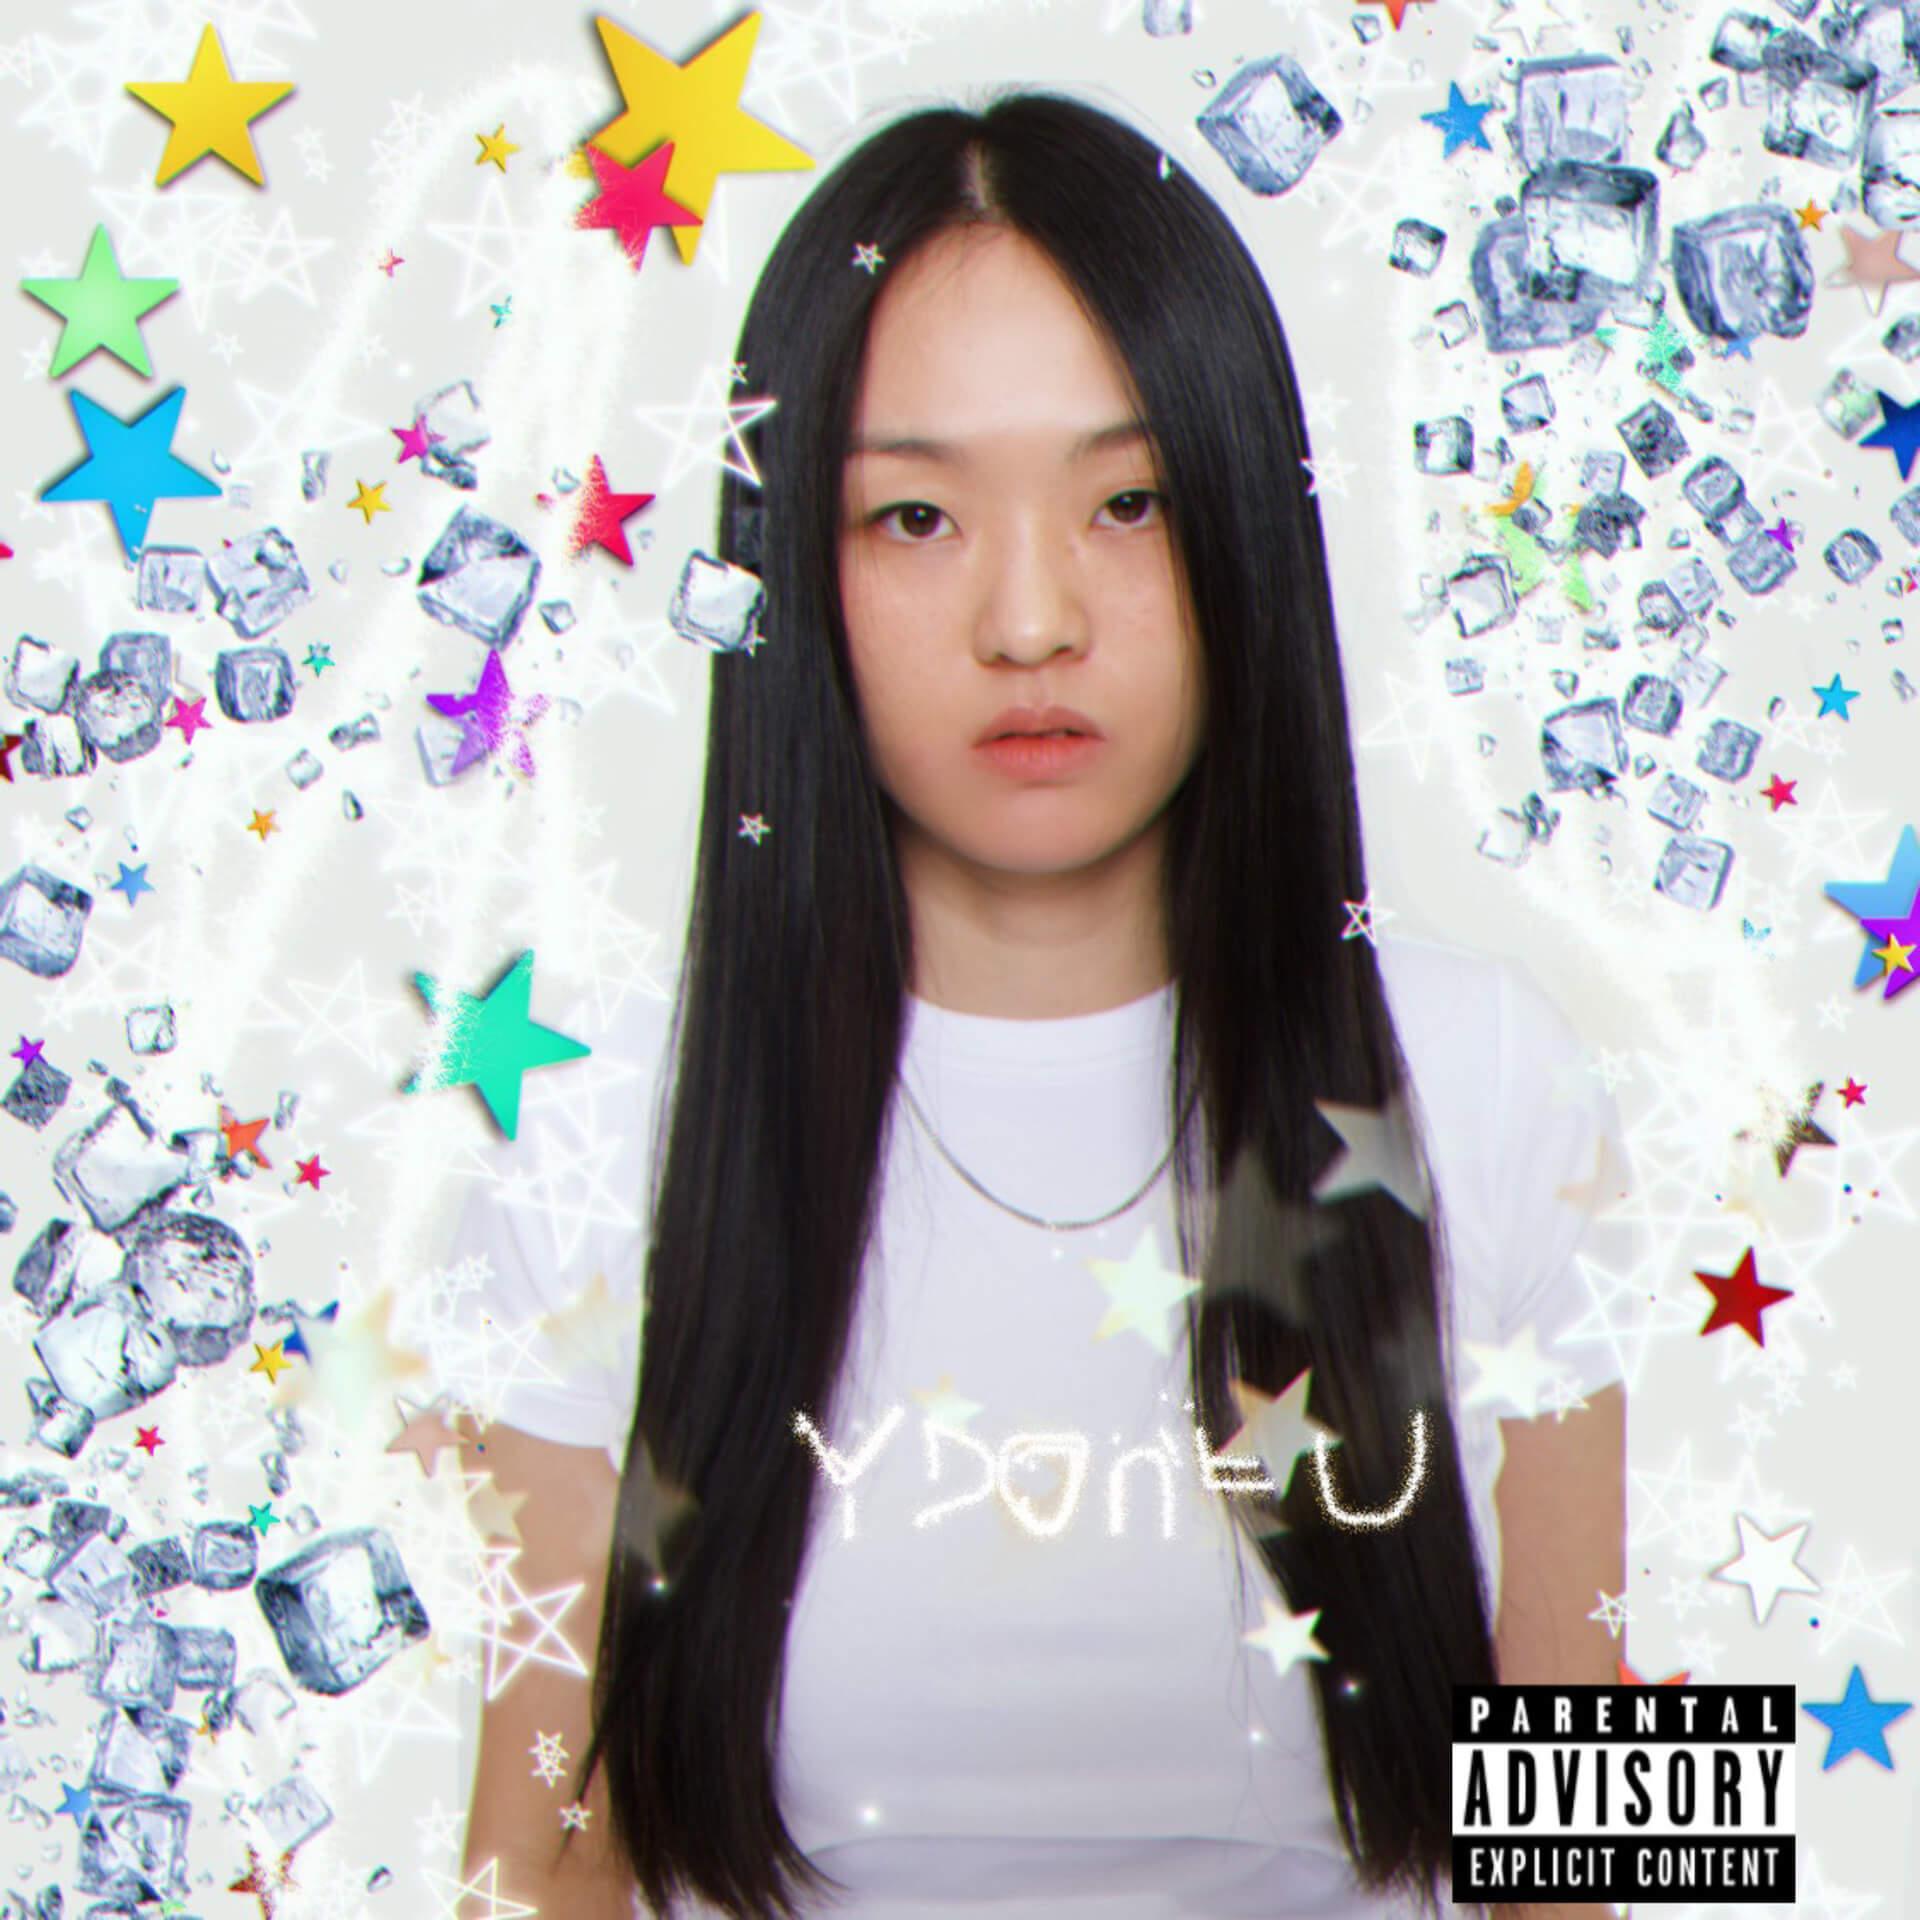 """新曲""""Y DON'T YOU (feat. Clams Casino & Take A Daytrip)""""をリリースしたPark Hye Jinの日本ツアー振替公演日程が決定"""